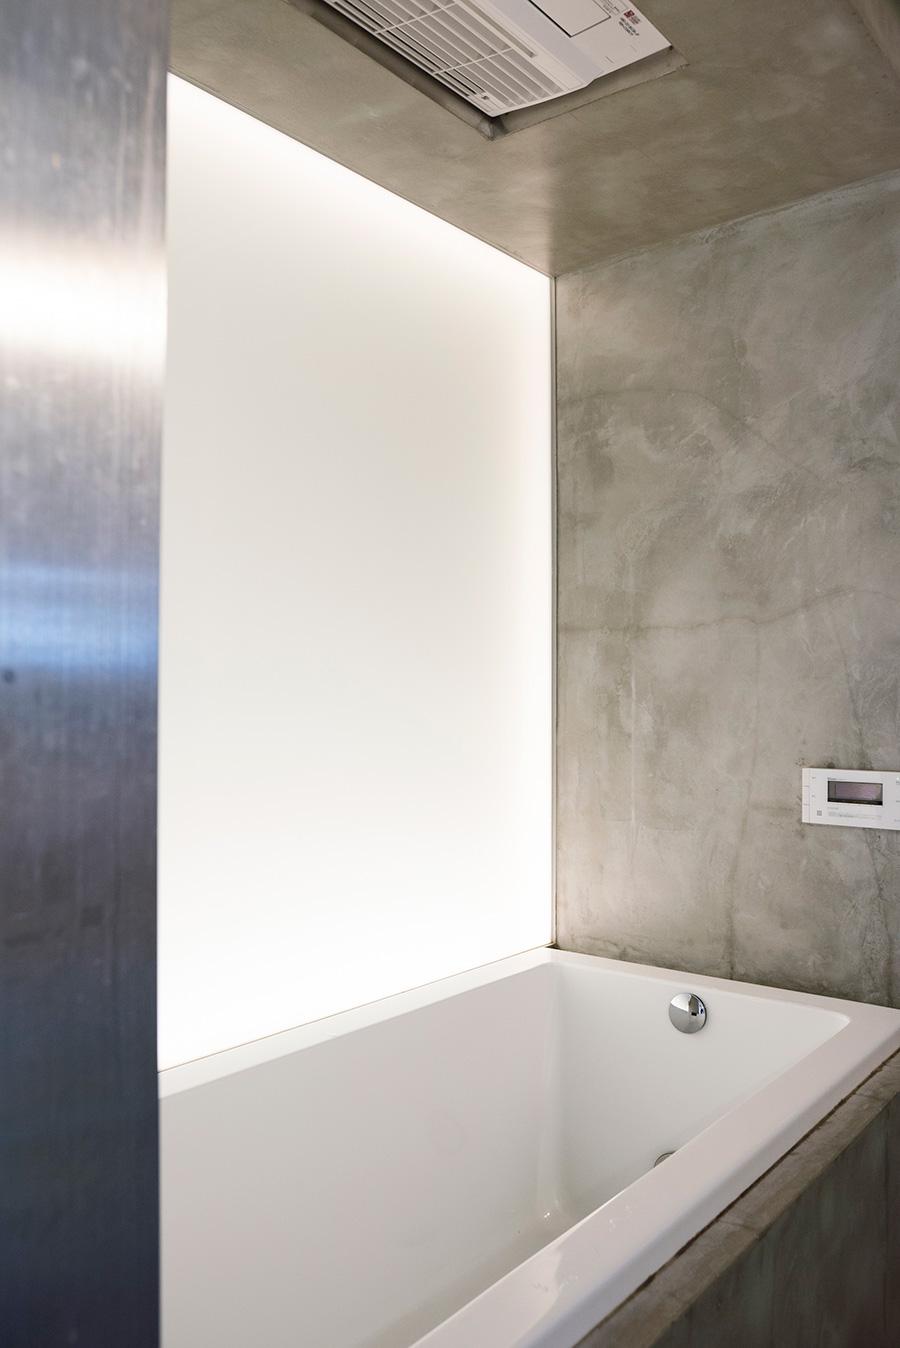 モルタルのモダンでクリーンなバスルーム。配管のあった壁側は内照式の壁として、窓のない浴室に柔らかい光を作り出す。